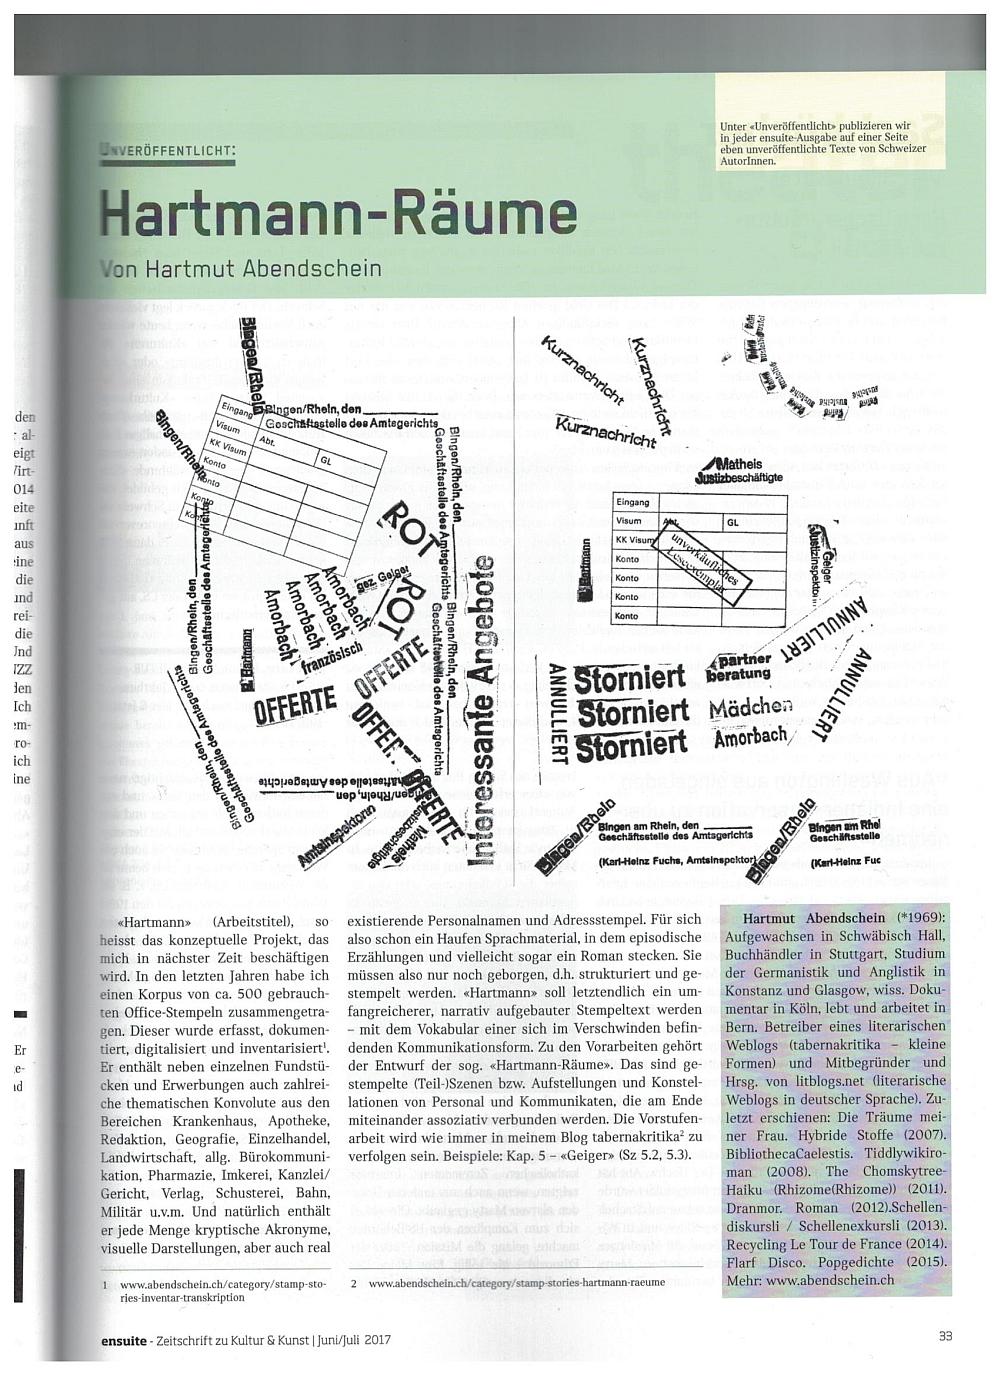 ensuite_201706_hartmannraeume1